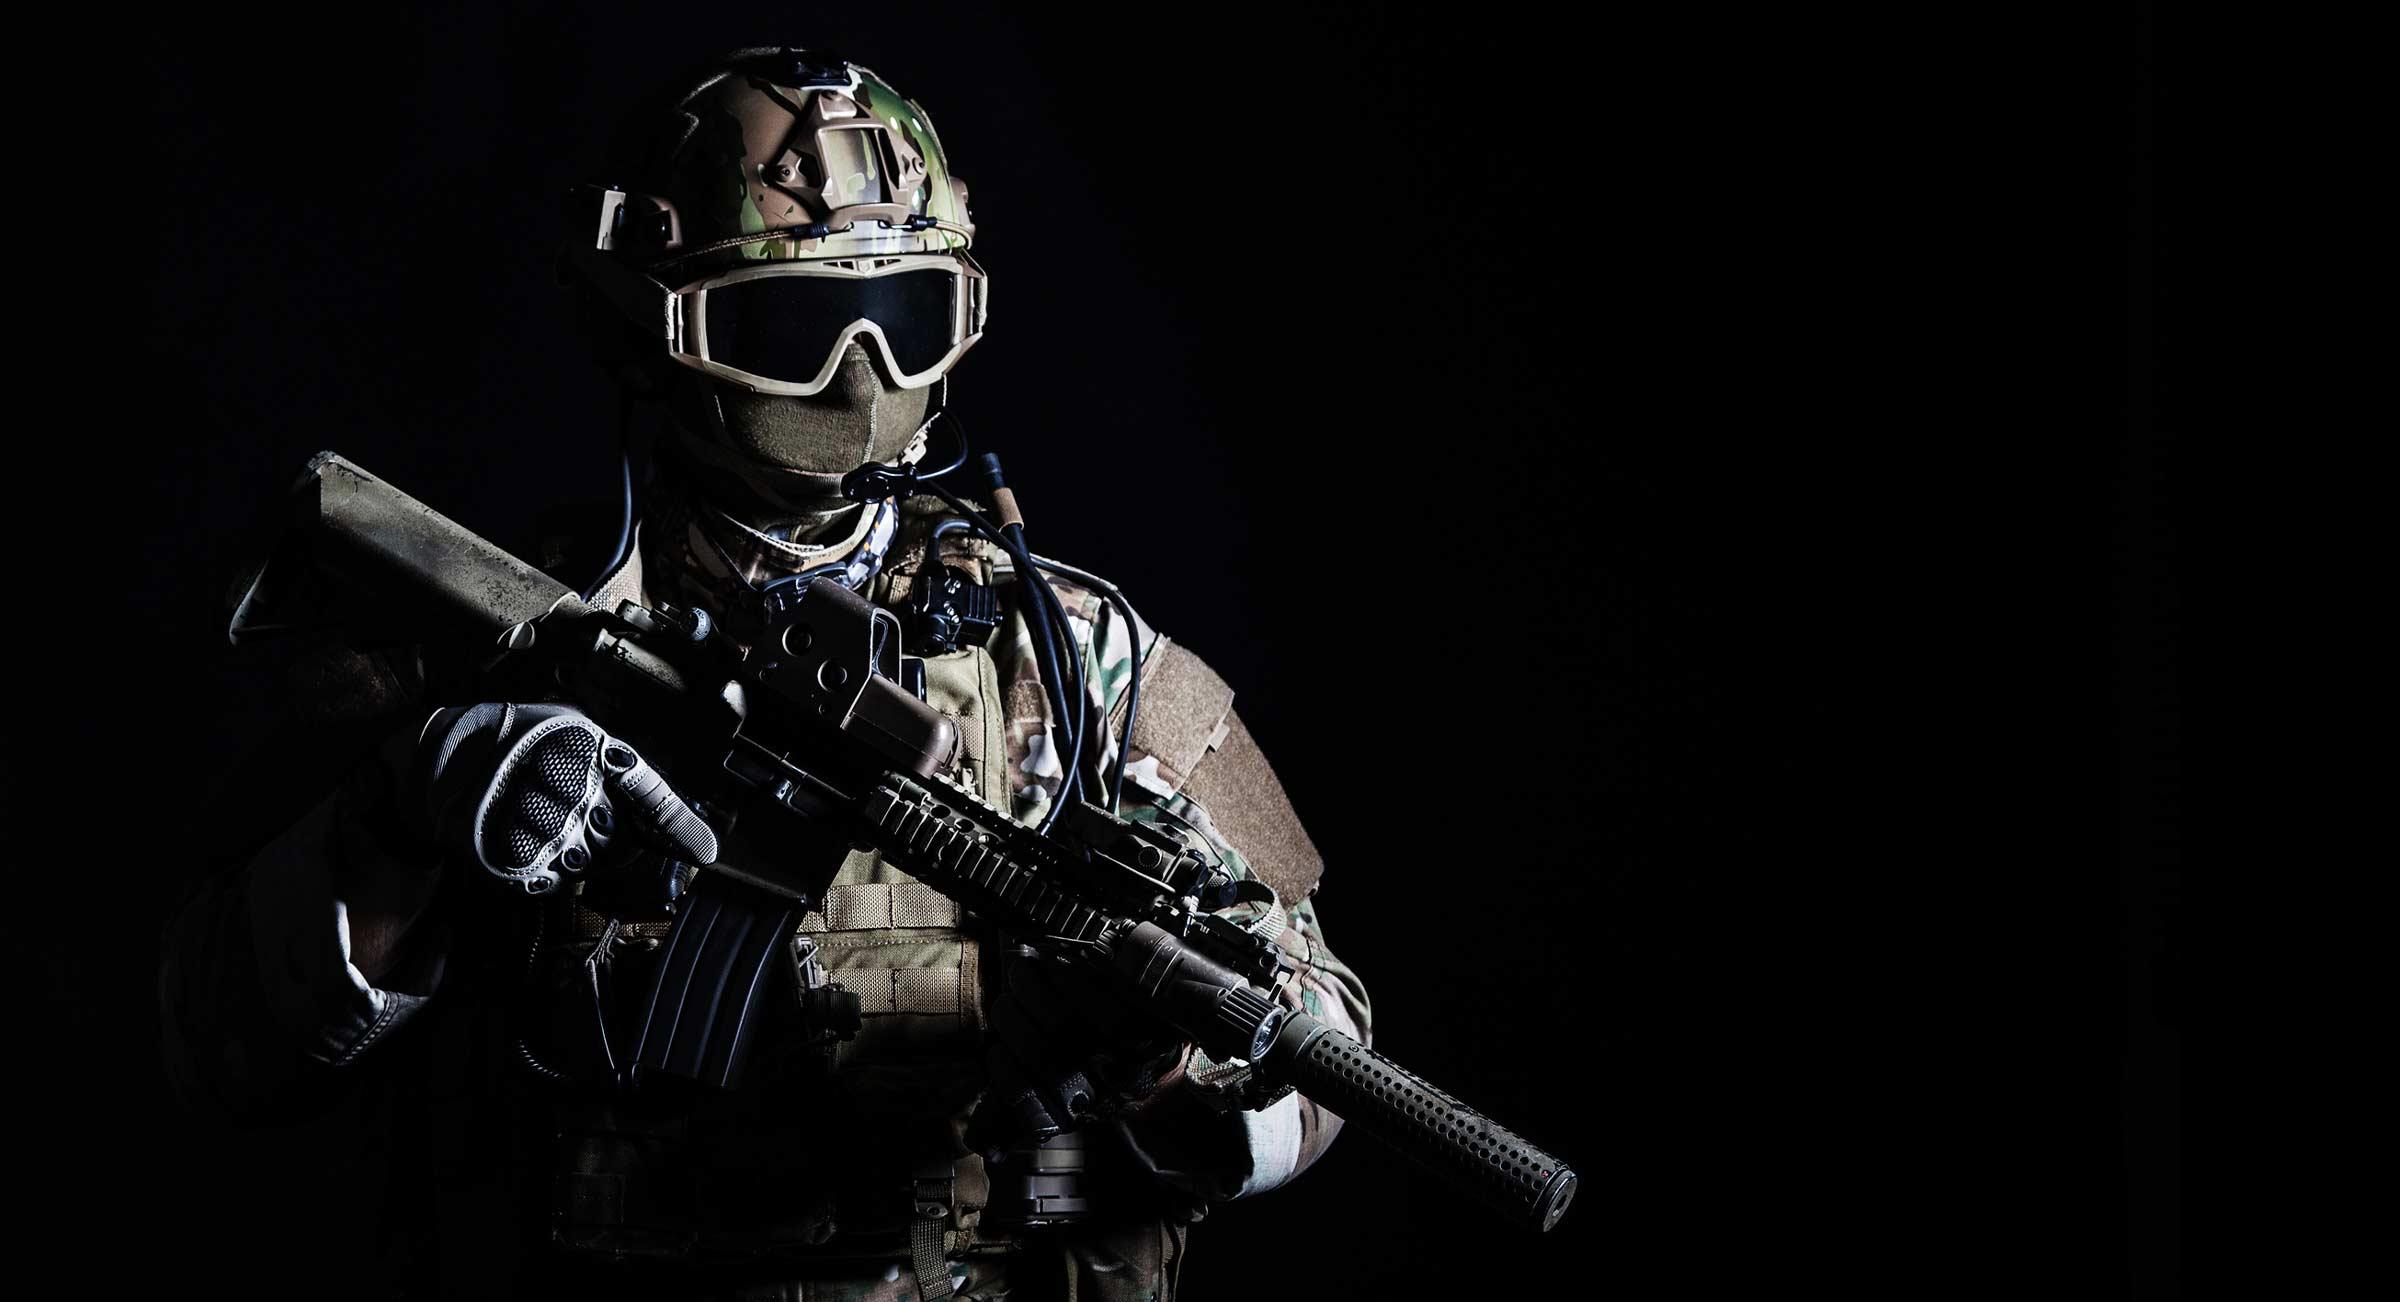 Special Forces Human Factors